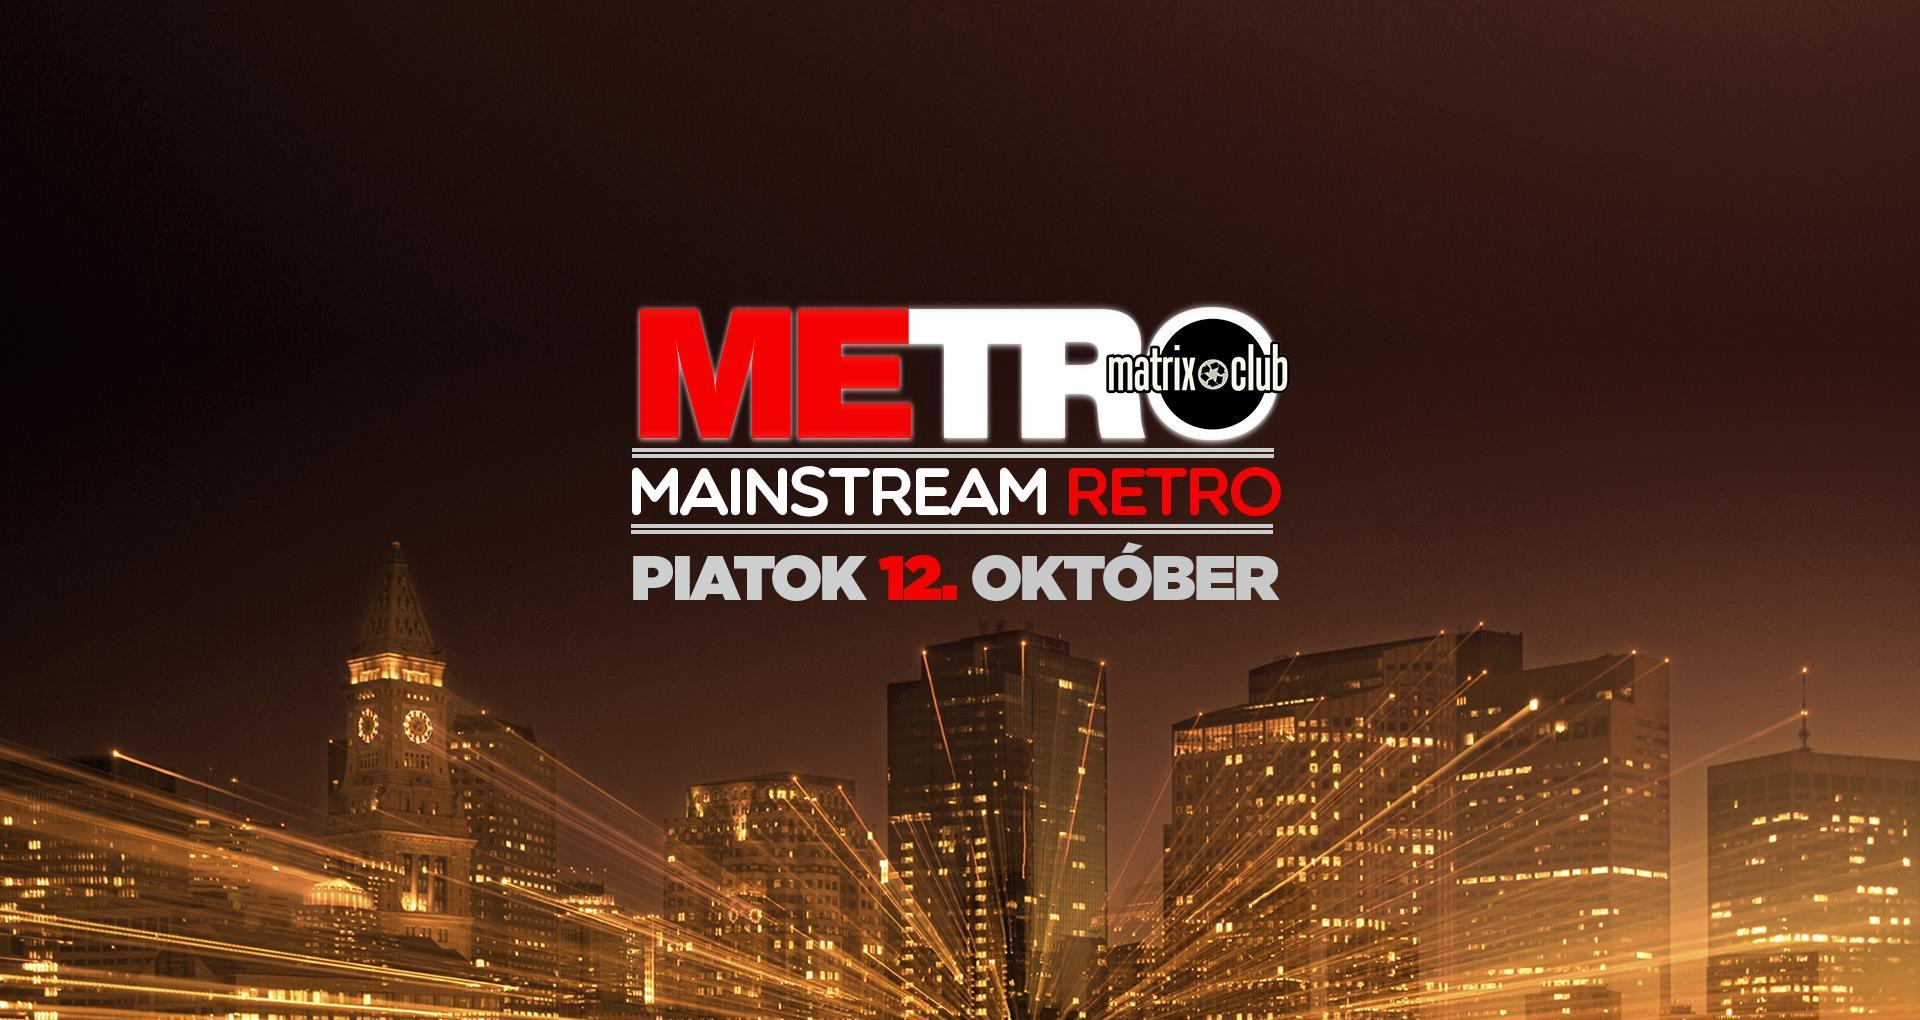 METRO (Mainstream Retro & Hits by Caggy)